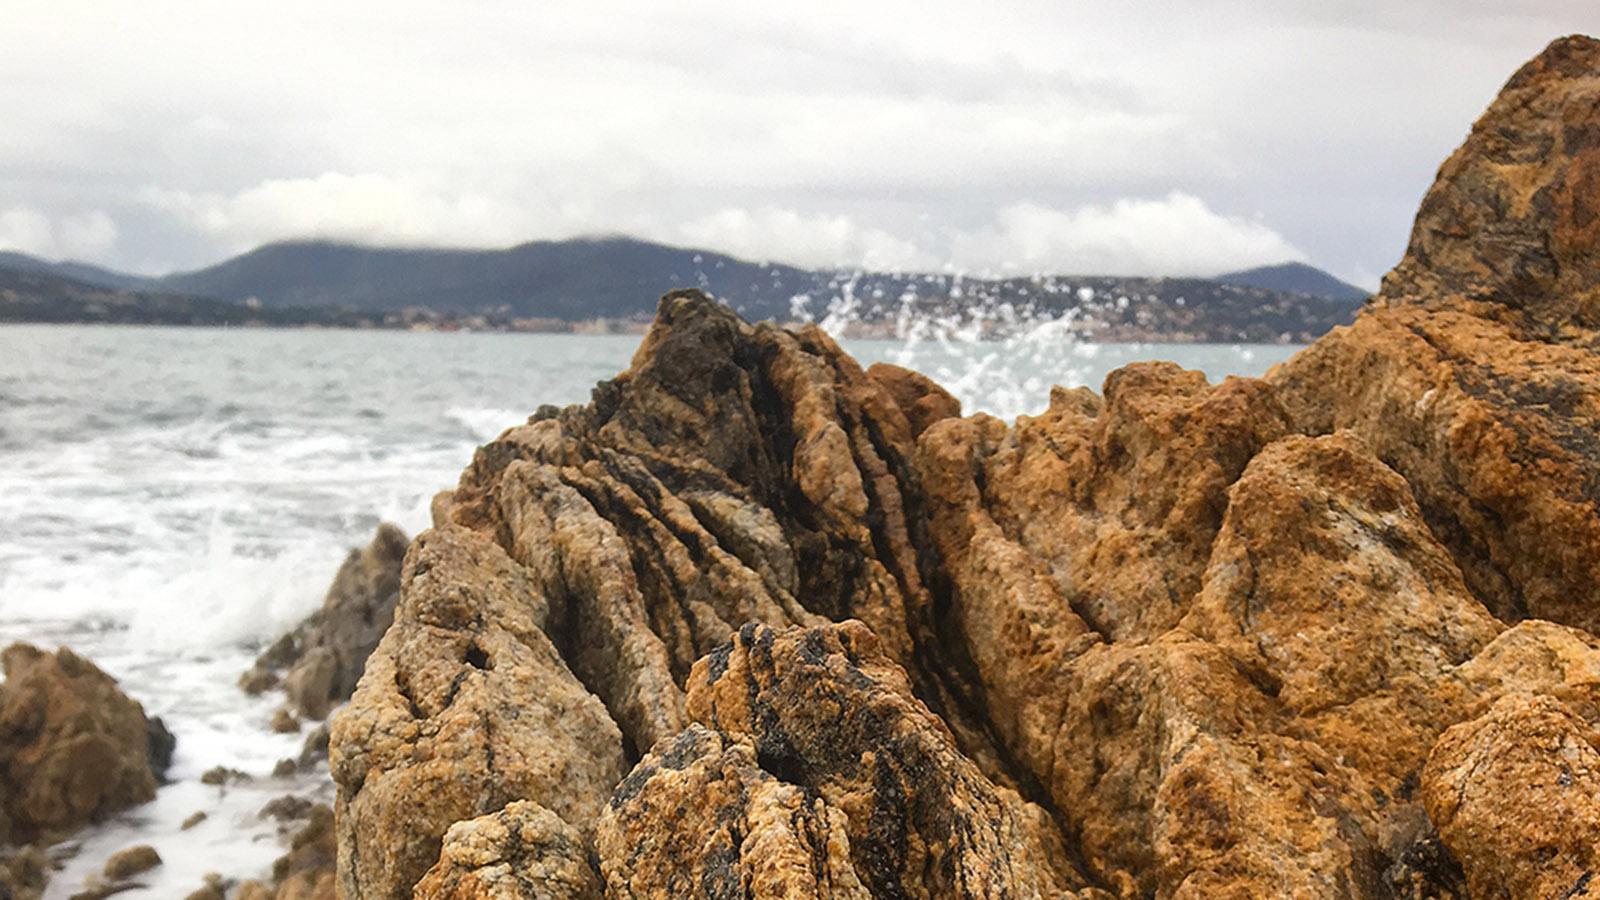 Immer wieder eröffnen sich tolle Blick auf die Bucht von Saint-Tropez.